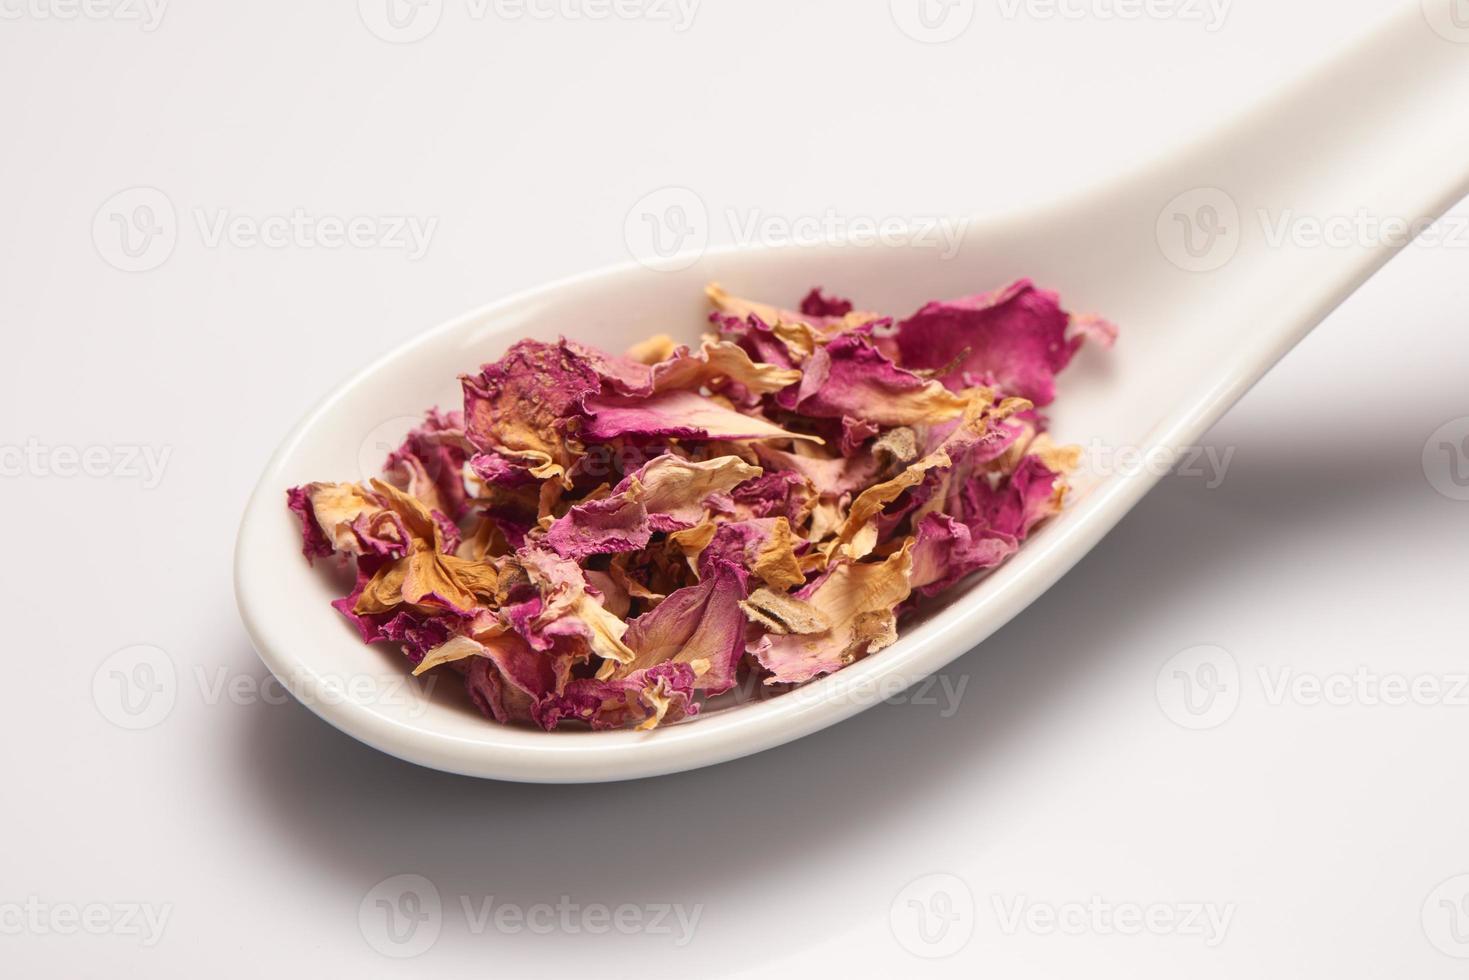 tas de feuilles de rose sec dans une cuillère en céramique blanche photo